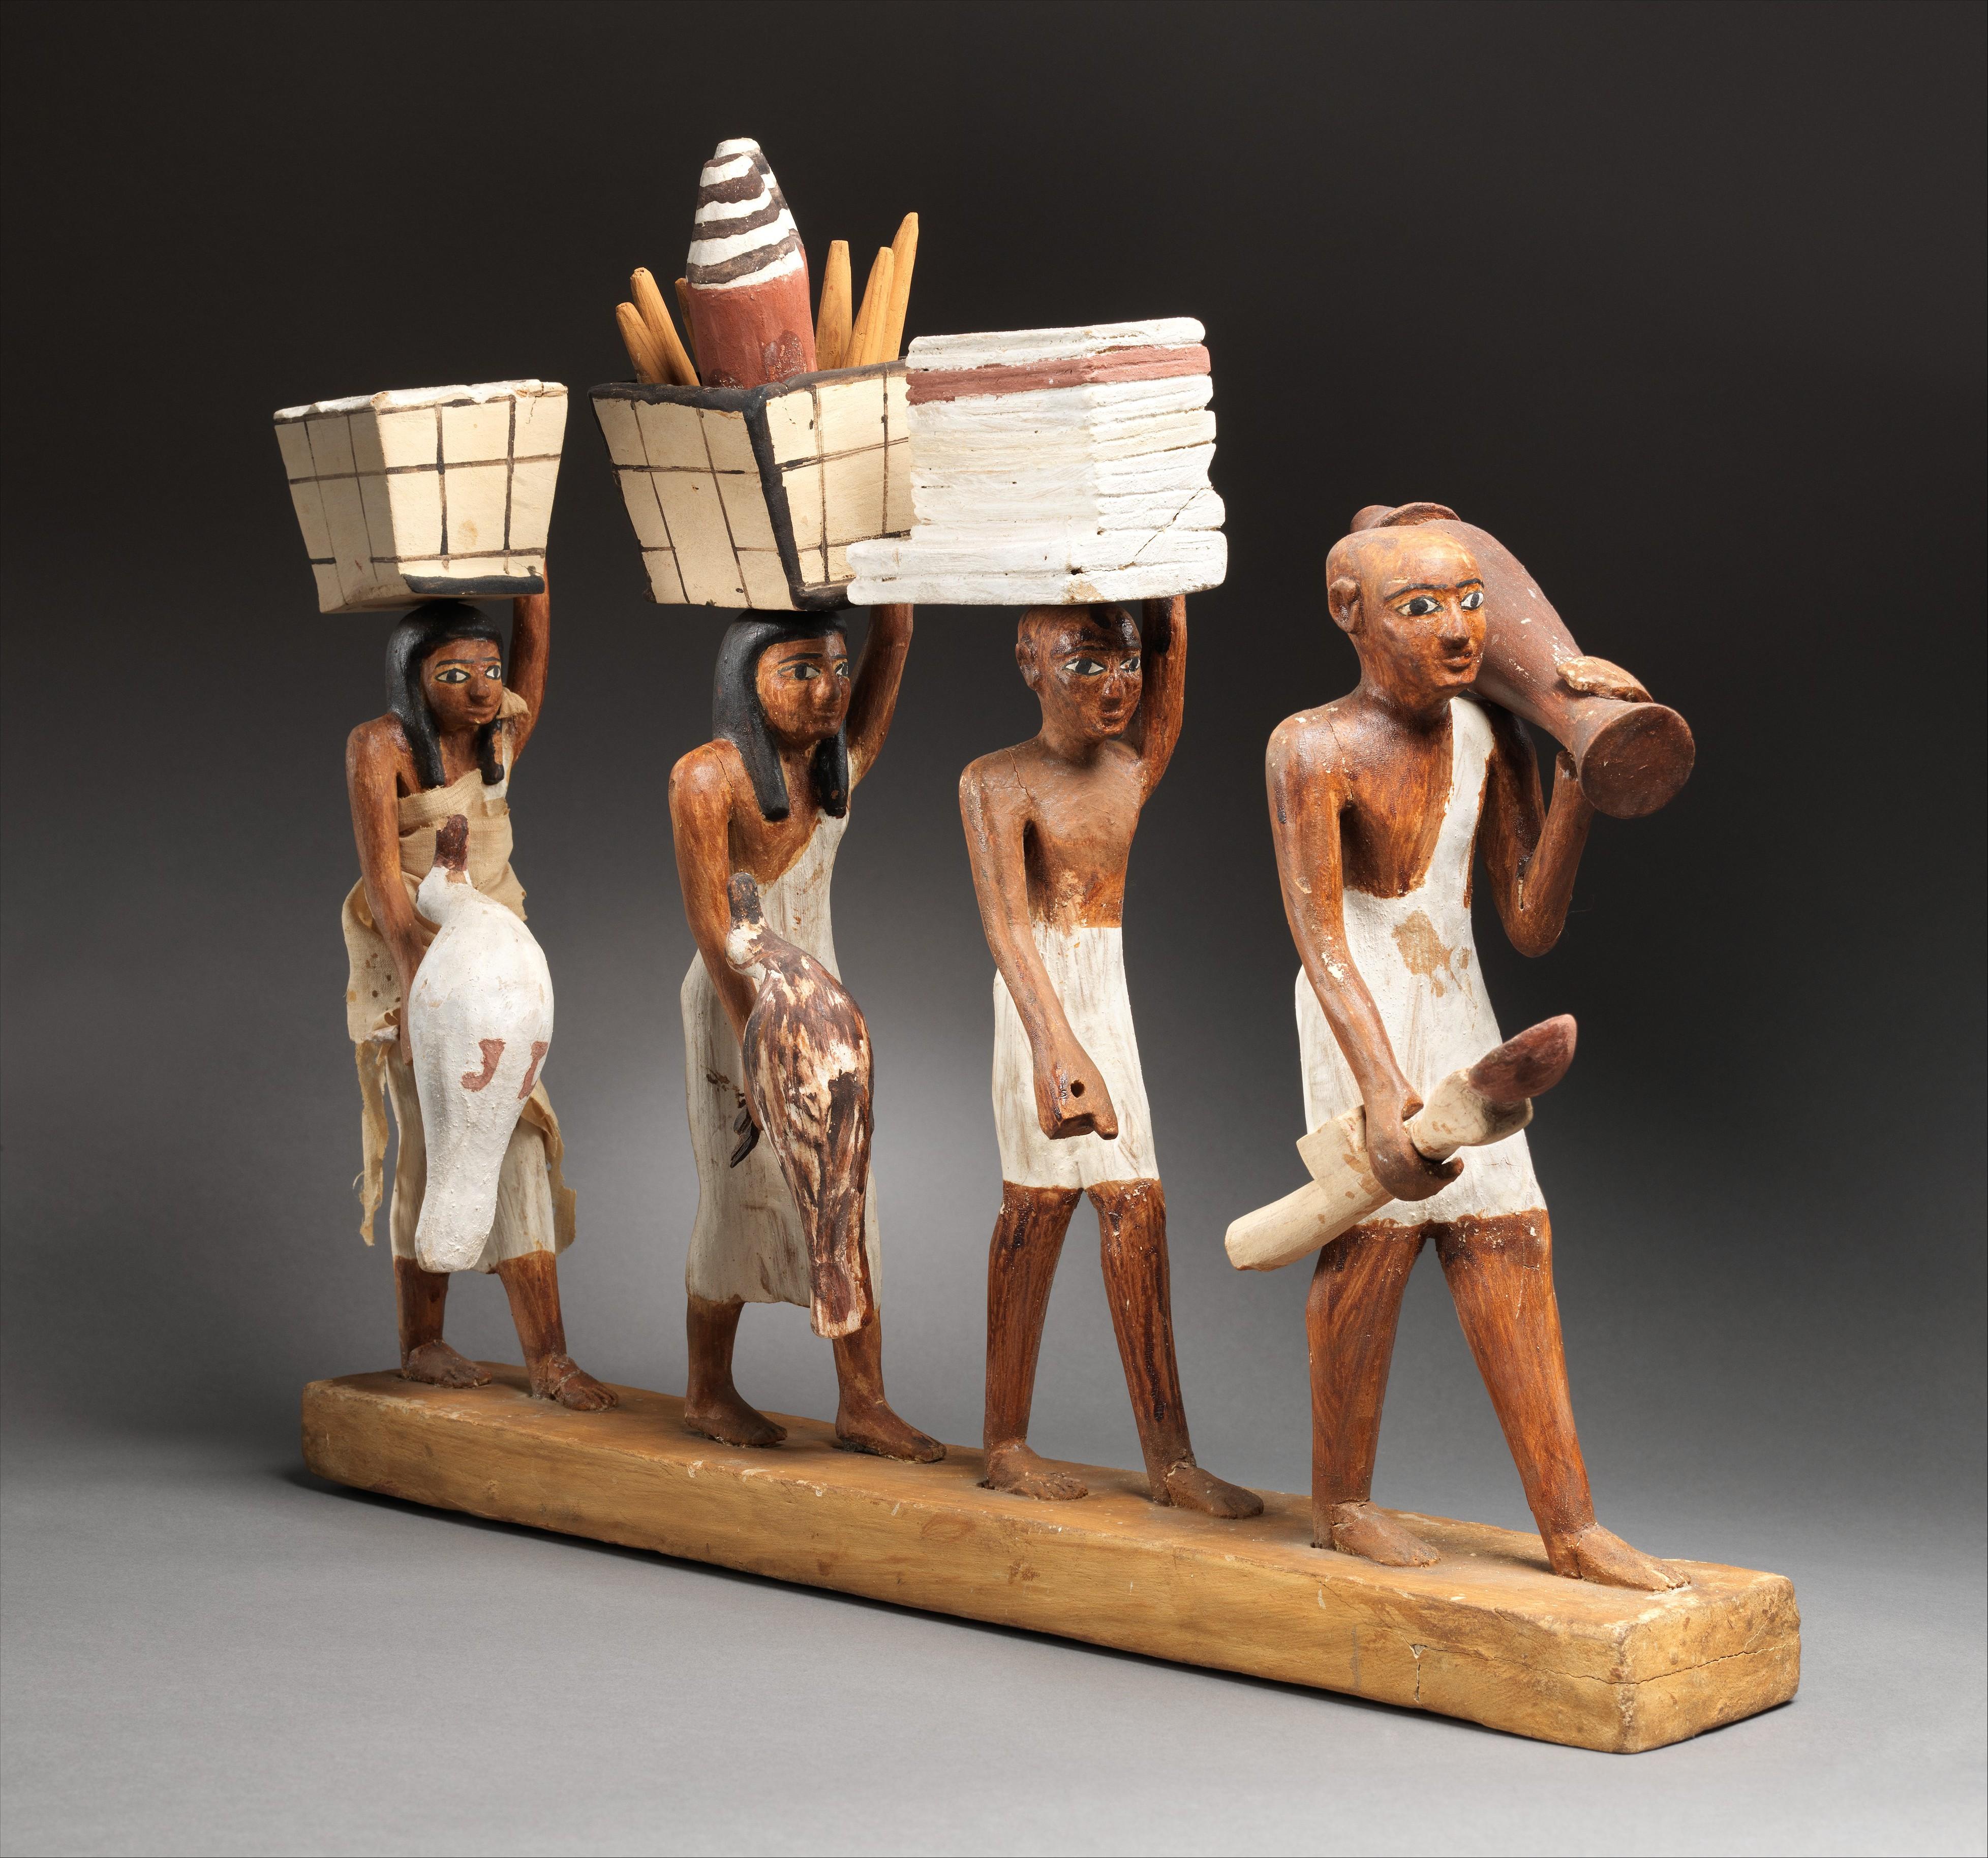 上图:主前1981-1975年古埃及墓葬里一队头顶食物的仆人木偶。现藏于纽约大都会艺术博物馆。